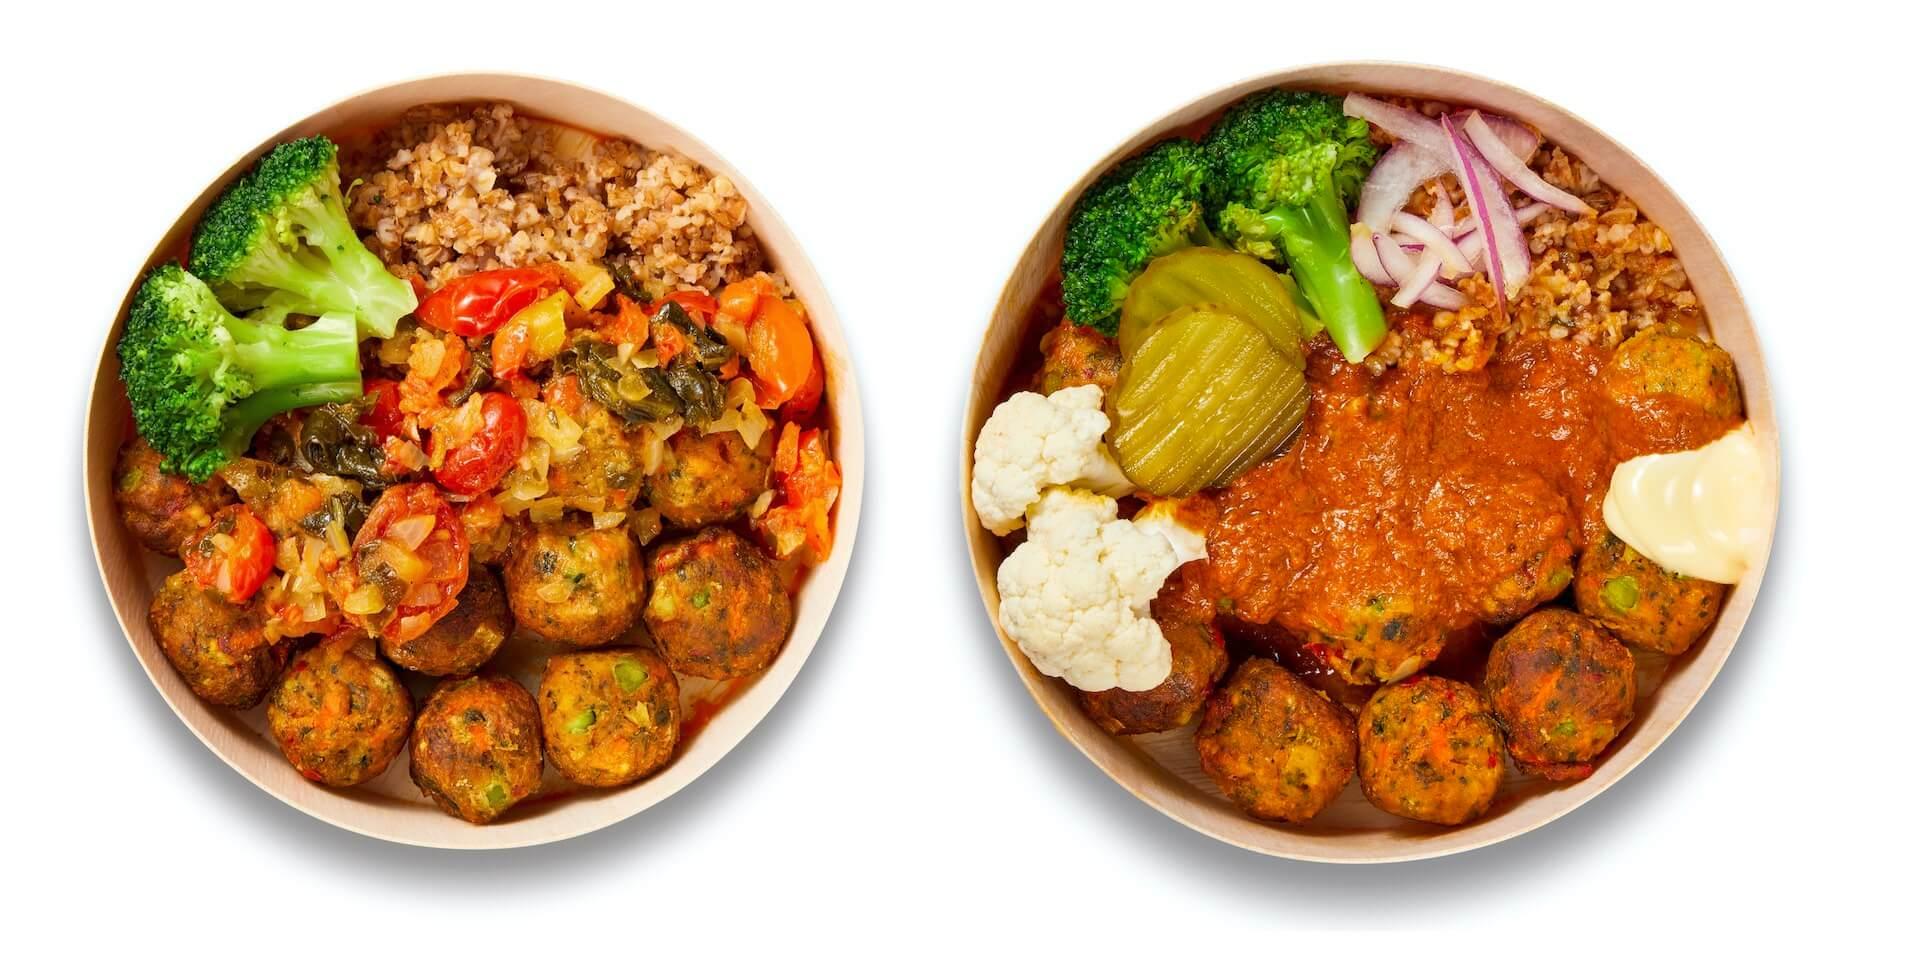 ミートボールBOXなど人気メニューが自宅でも!イケアレストランの一部メニューがテイクアウト可能に gourmet200423_ikea_restaurant_10